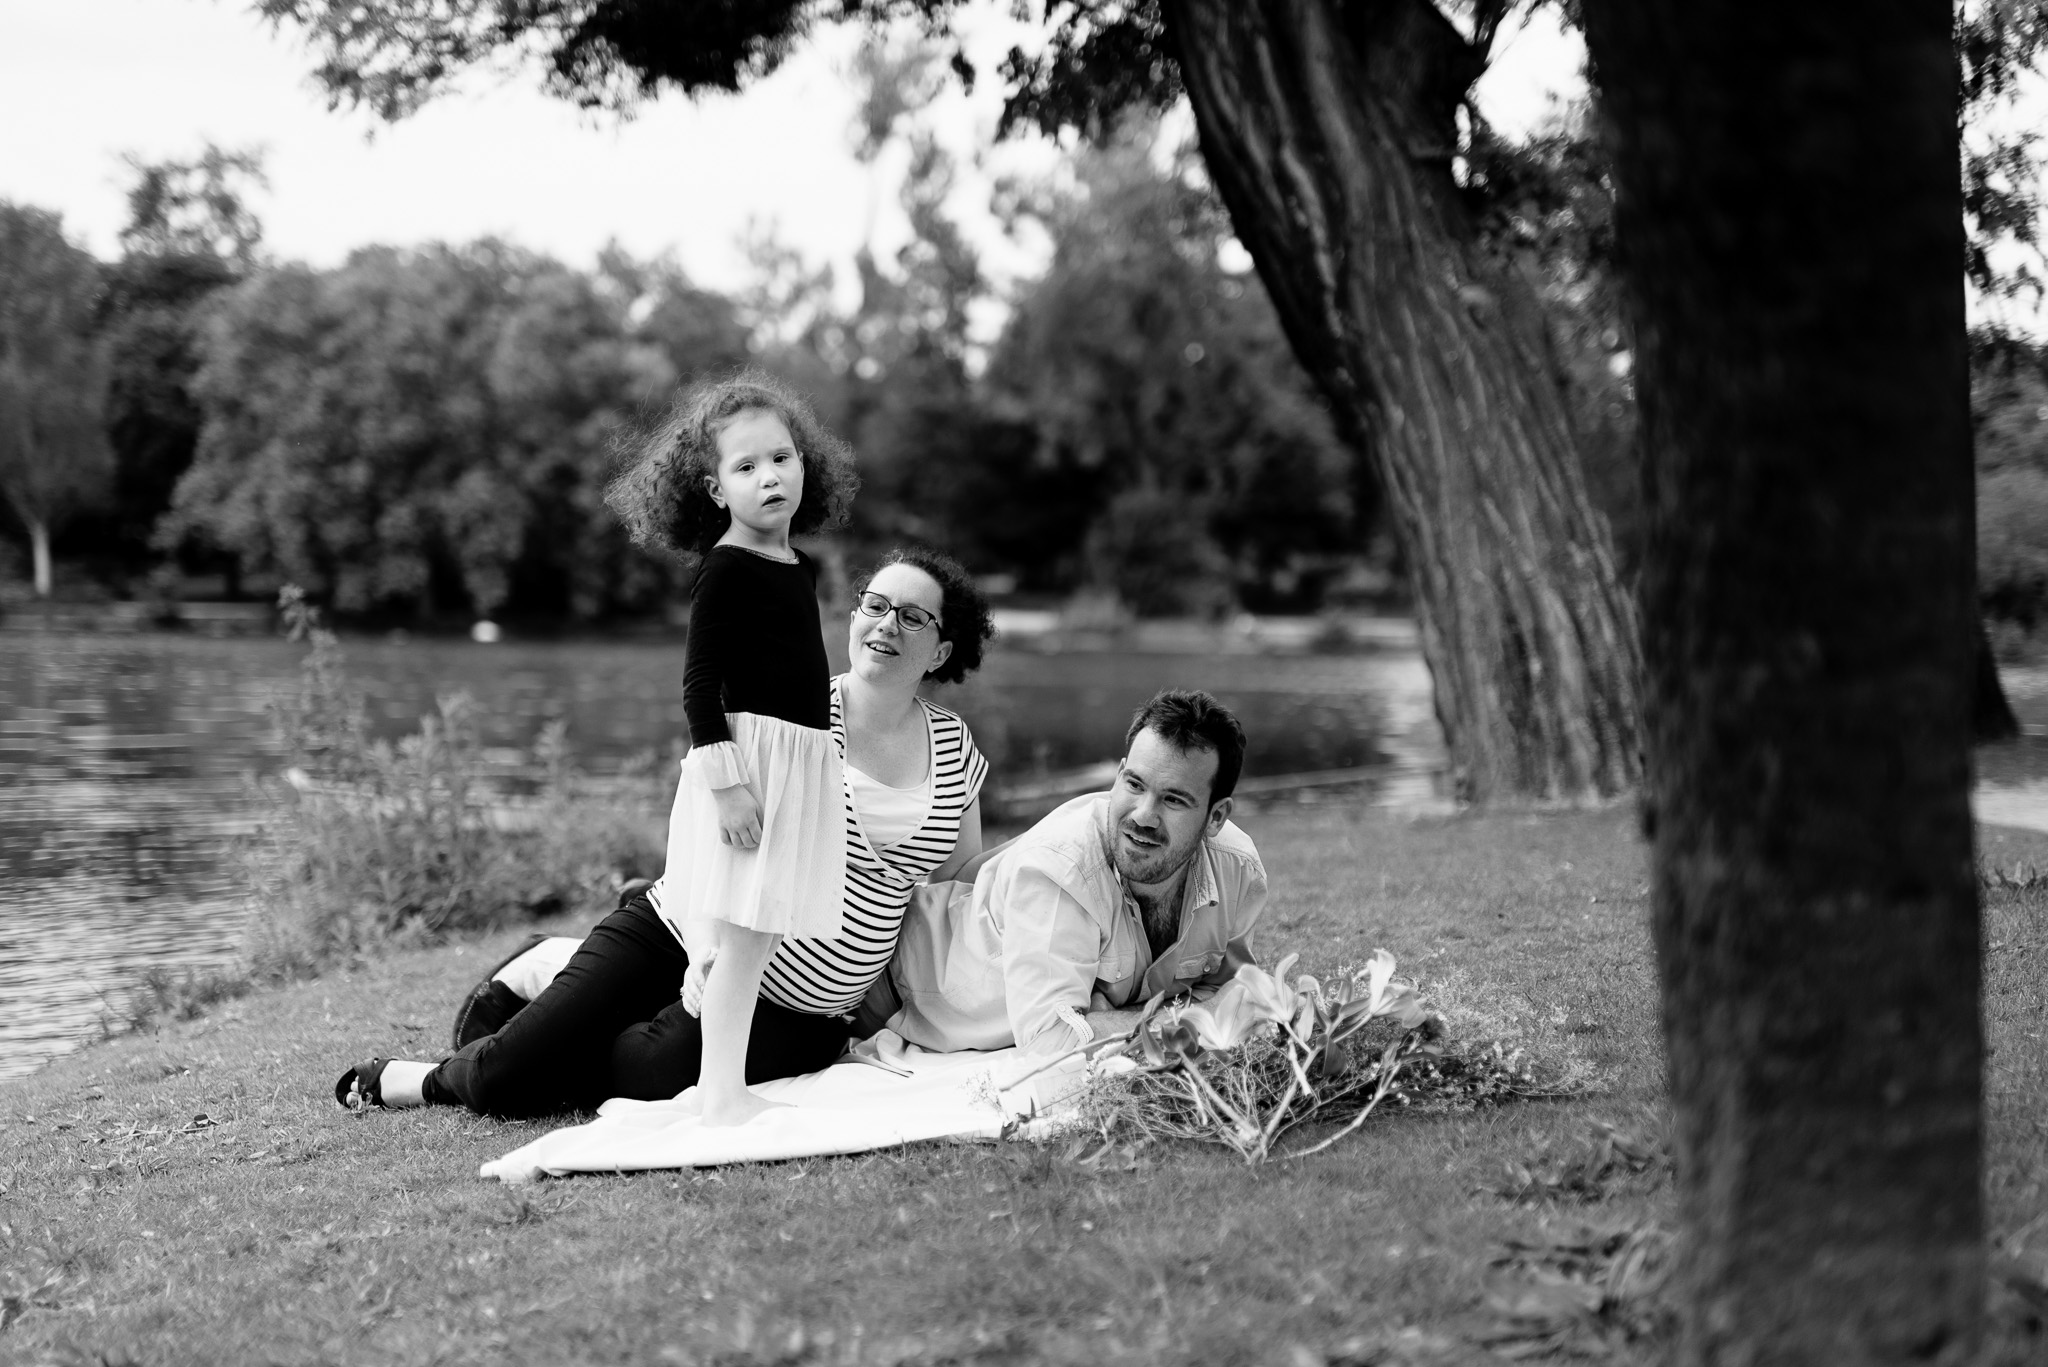 Photographe Grossesse Yvelines Paris extérieur séance maternité Chatou Rueil Malmaison Boulogne Billancourt Saint-germain-en-Laye 92 75 78 Hauts de Seine famille